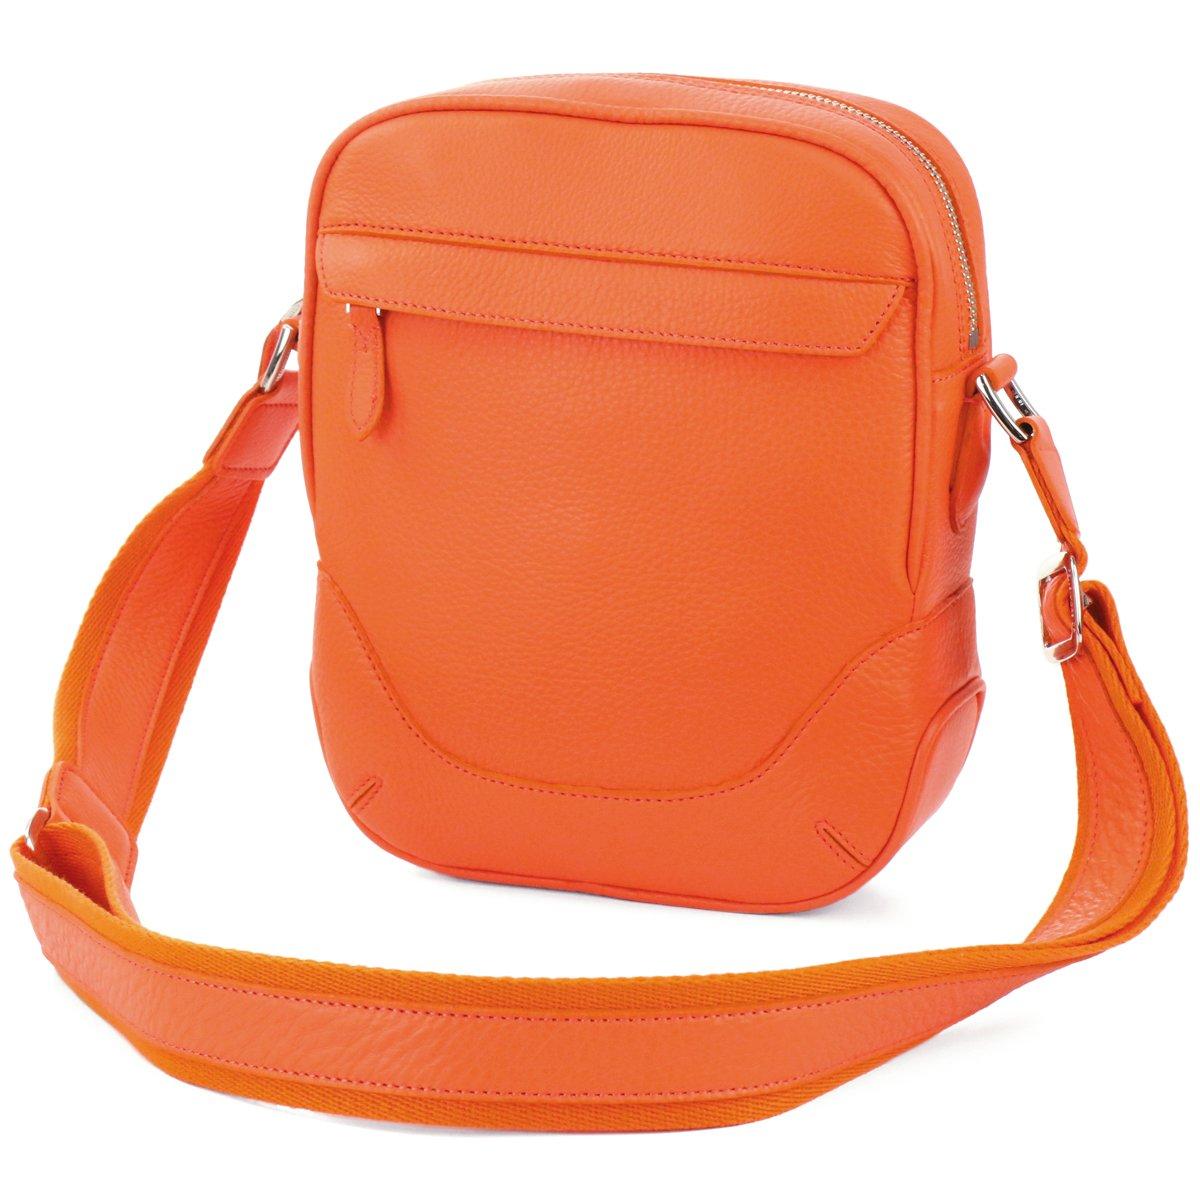 ペッレモルビダ ショルダーバッグ 本革 メイデン ボヤージュ PMO-MB056 メンズ B07C8H1NSS オレンジ オレンジ